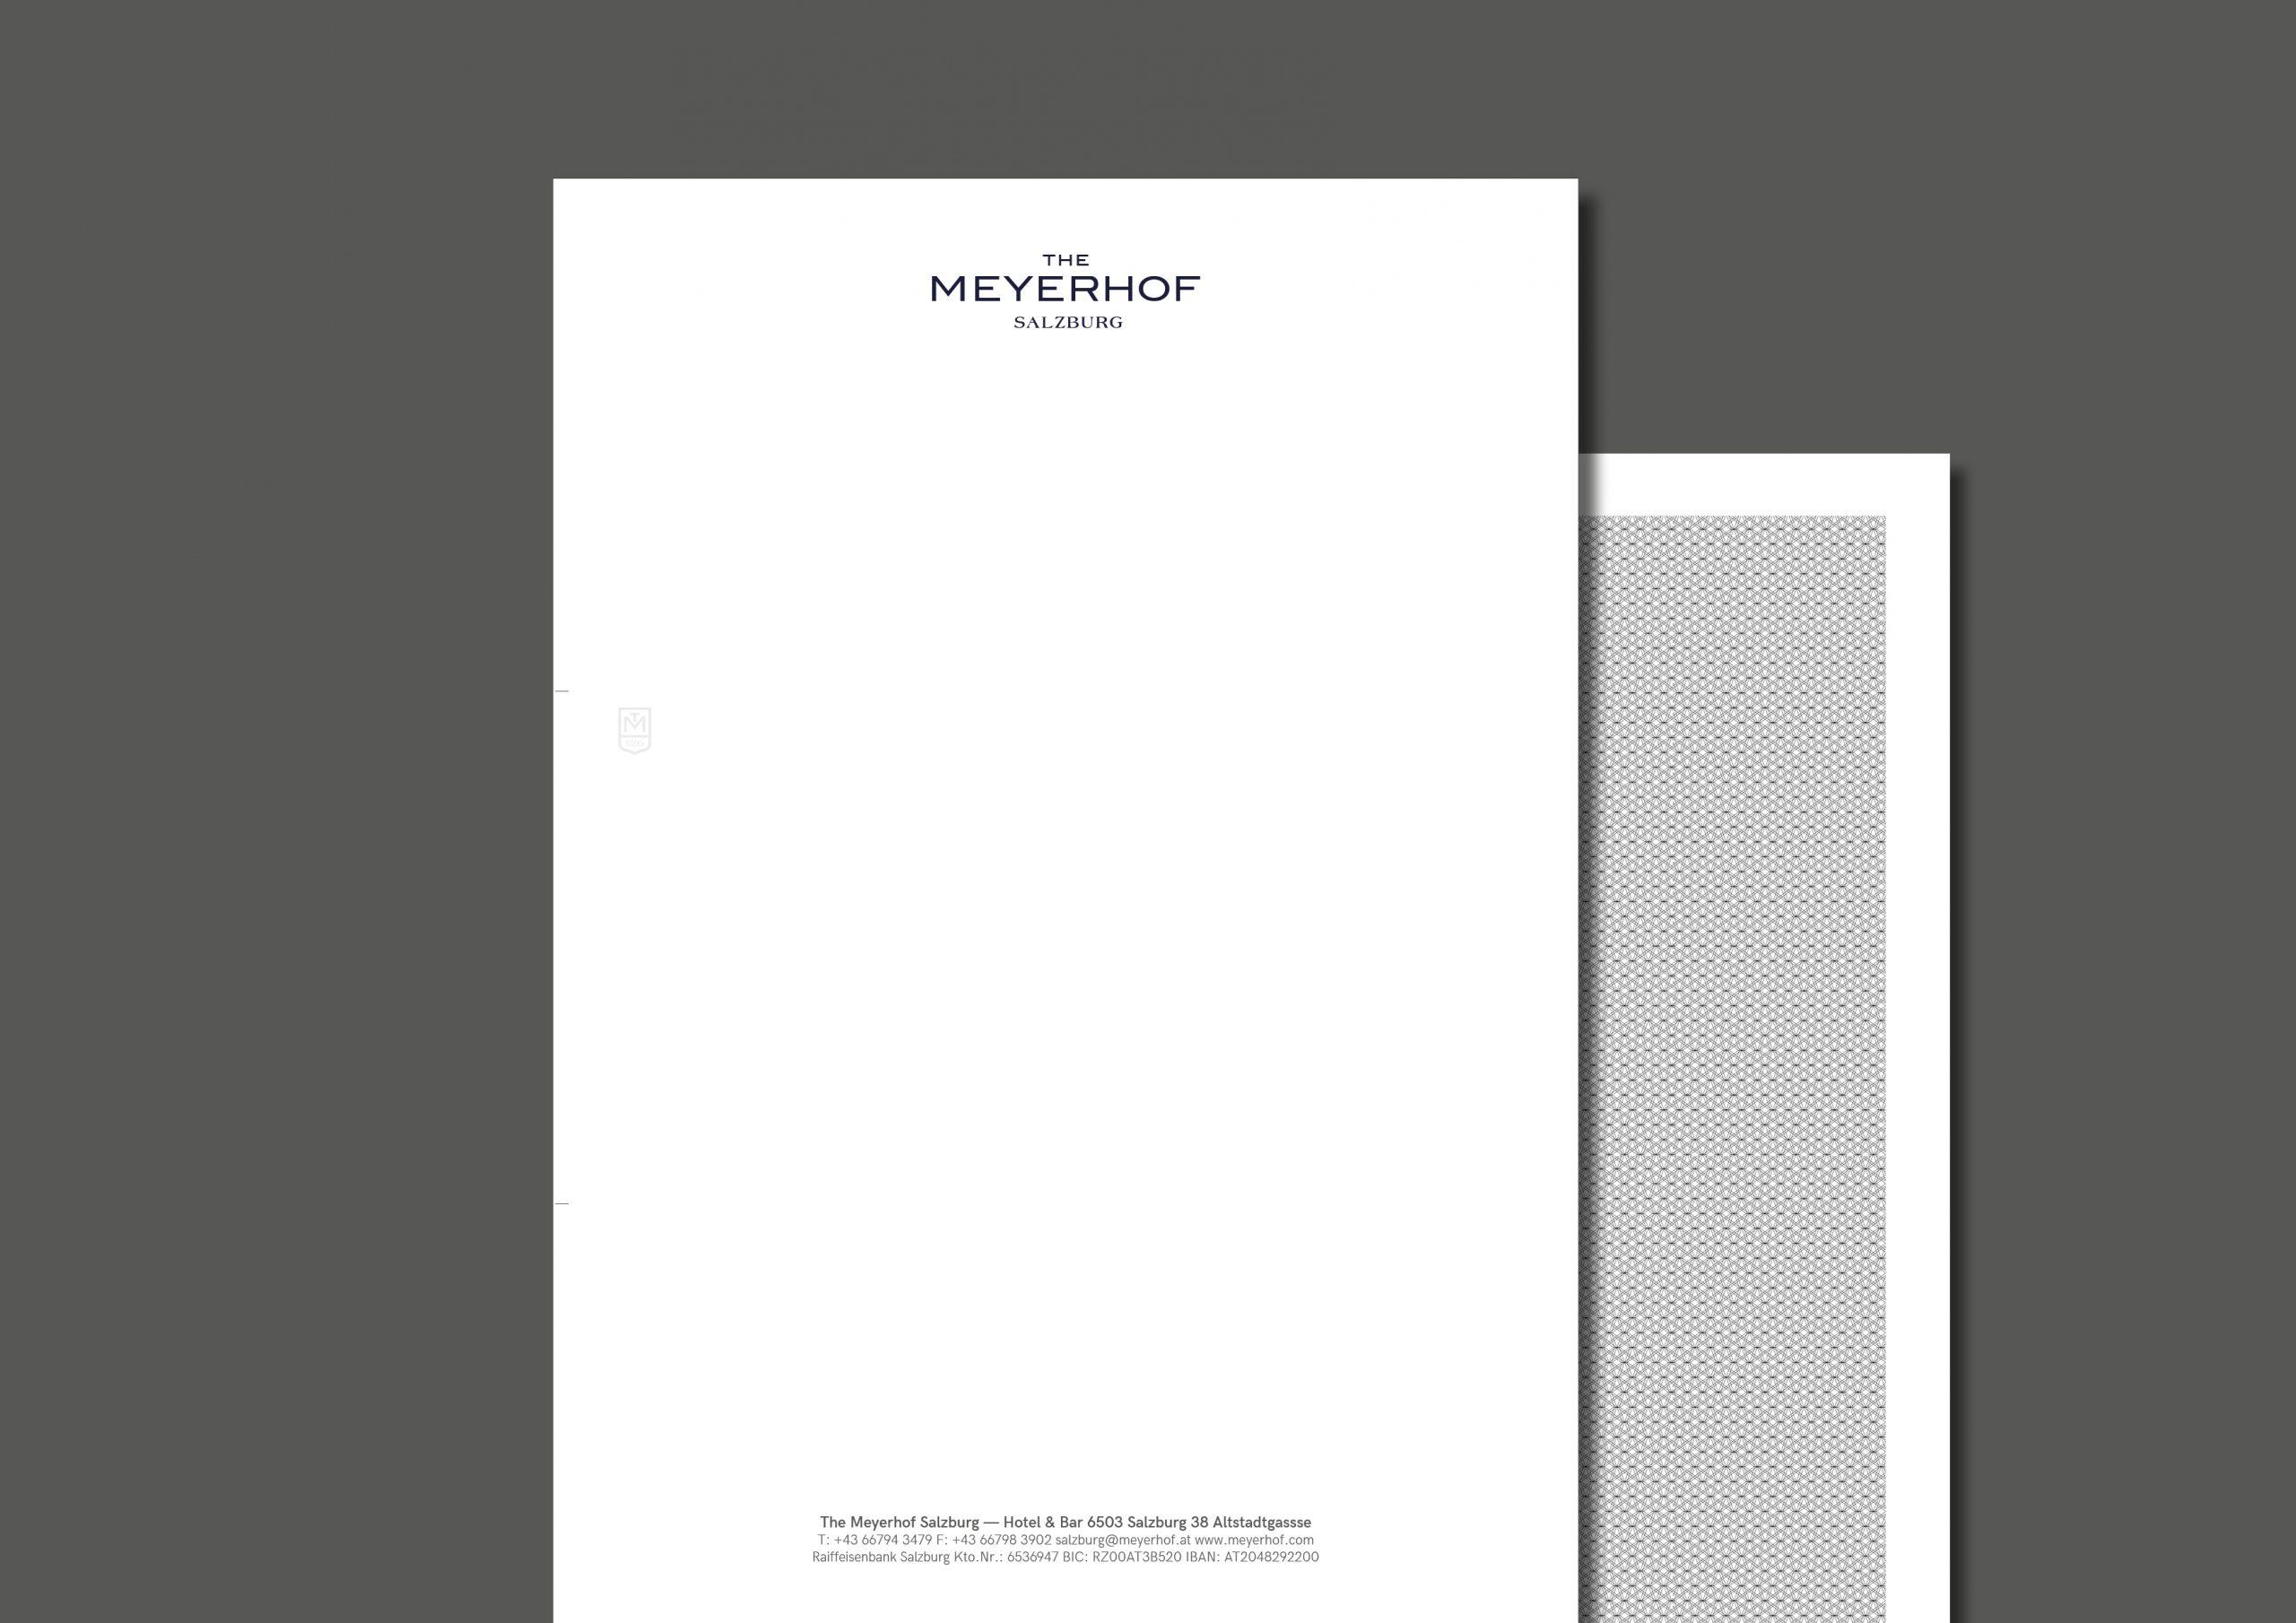 Meyerhof_V—ST06